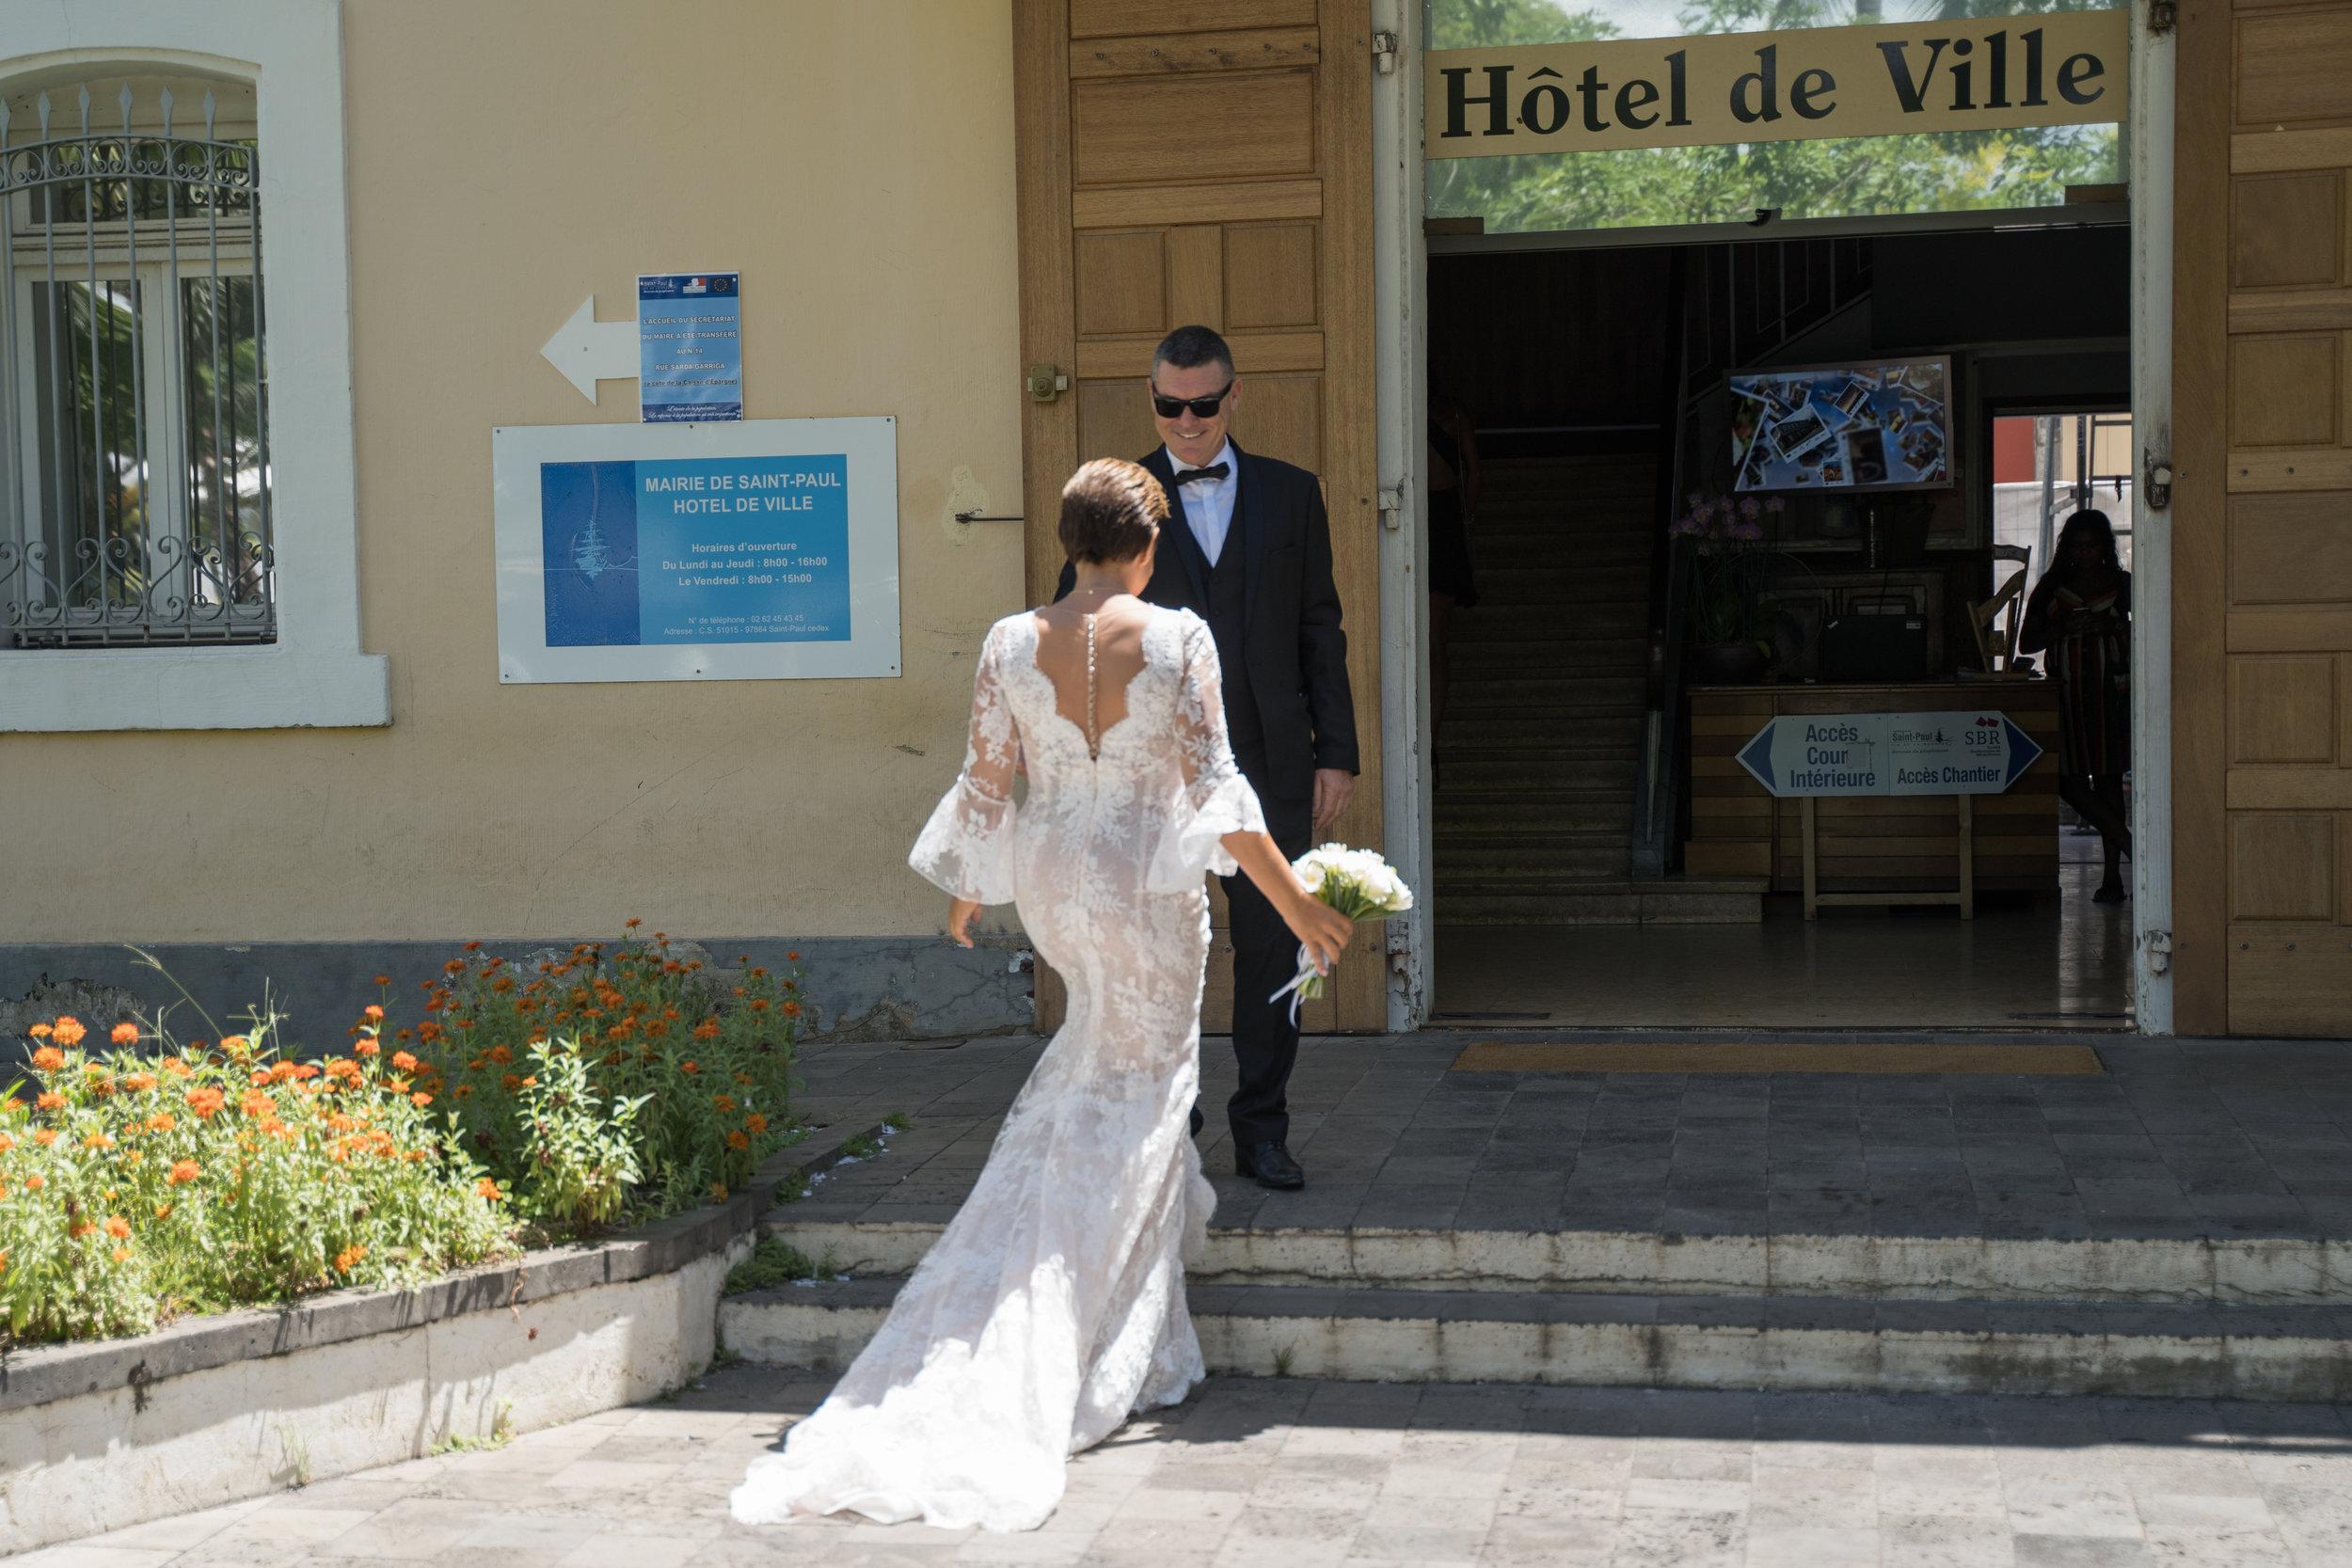 MRevenement organisation de mariage à la Réunion _ Mariage de B et JC (11).jpg